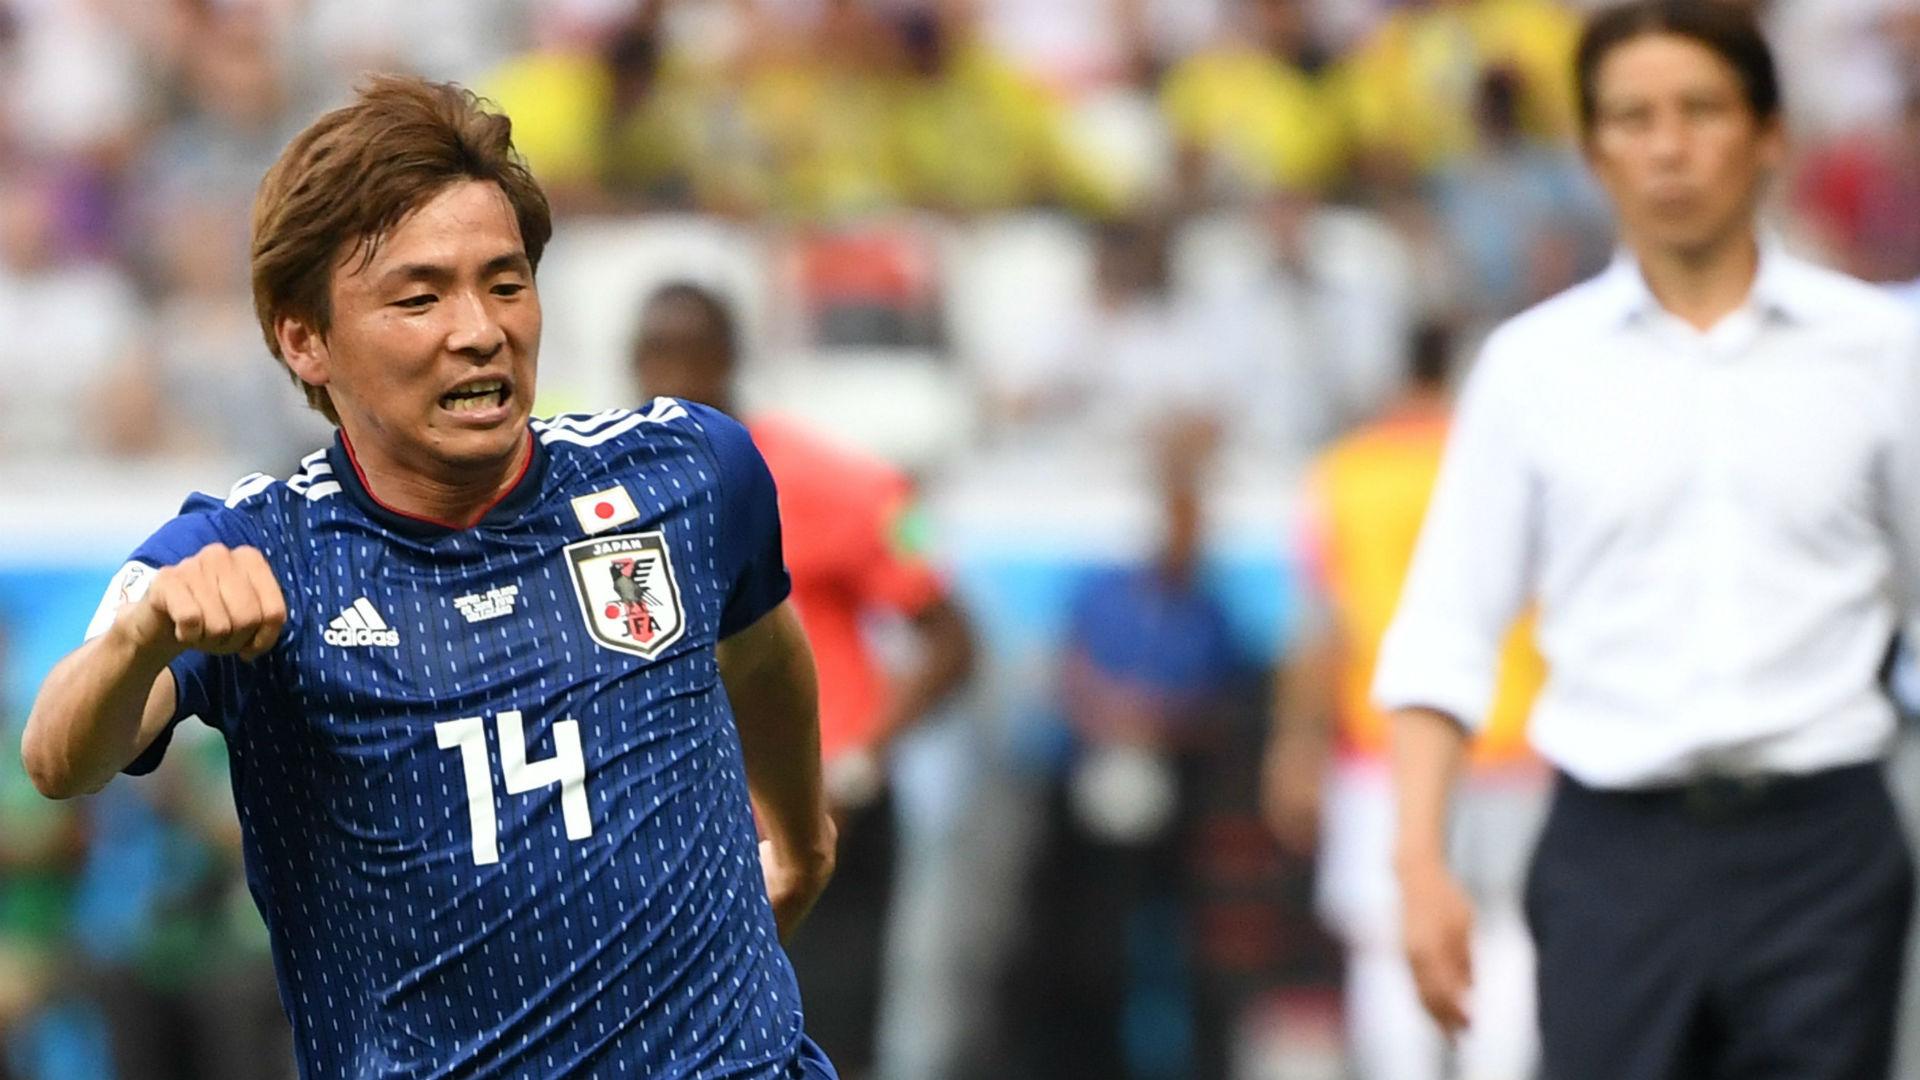 Mondiali Russia 2018, pazzesca rimonta del Belgio sul Giappone!